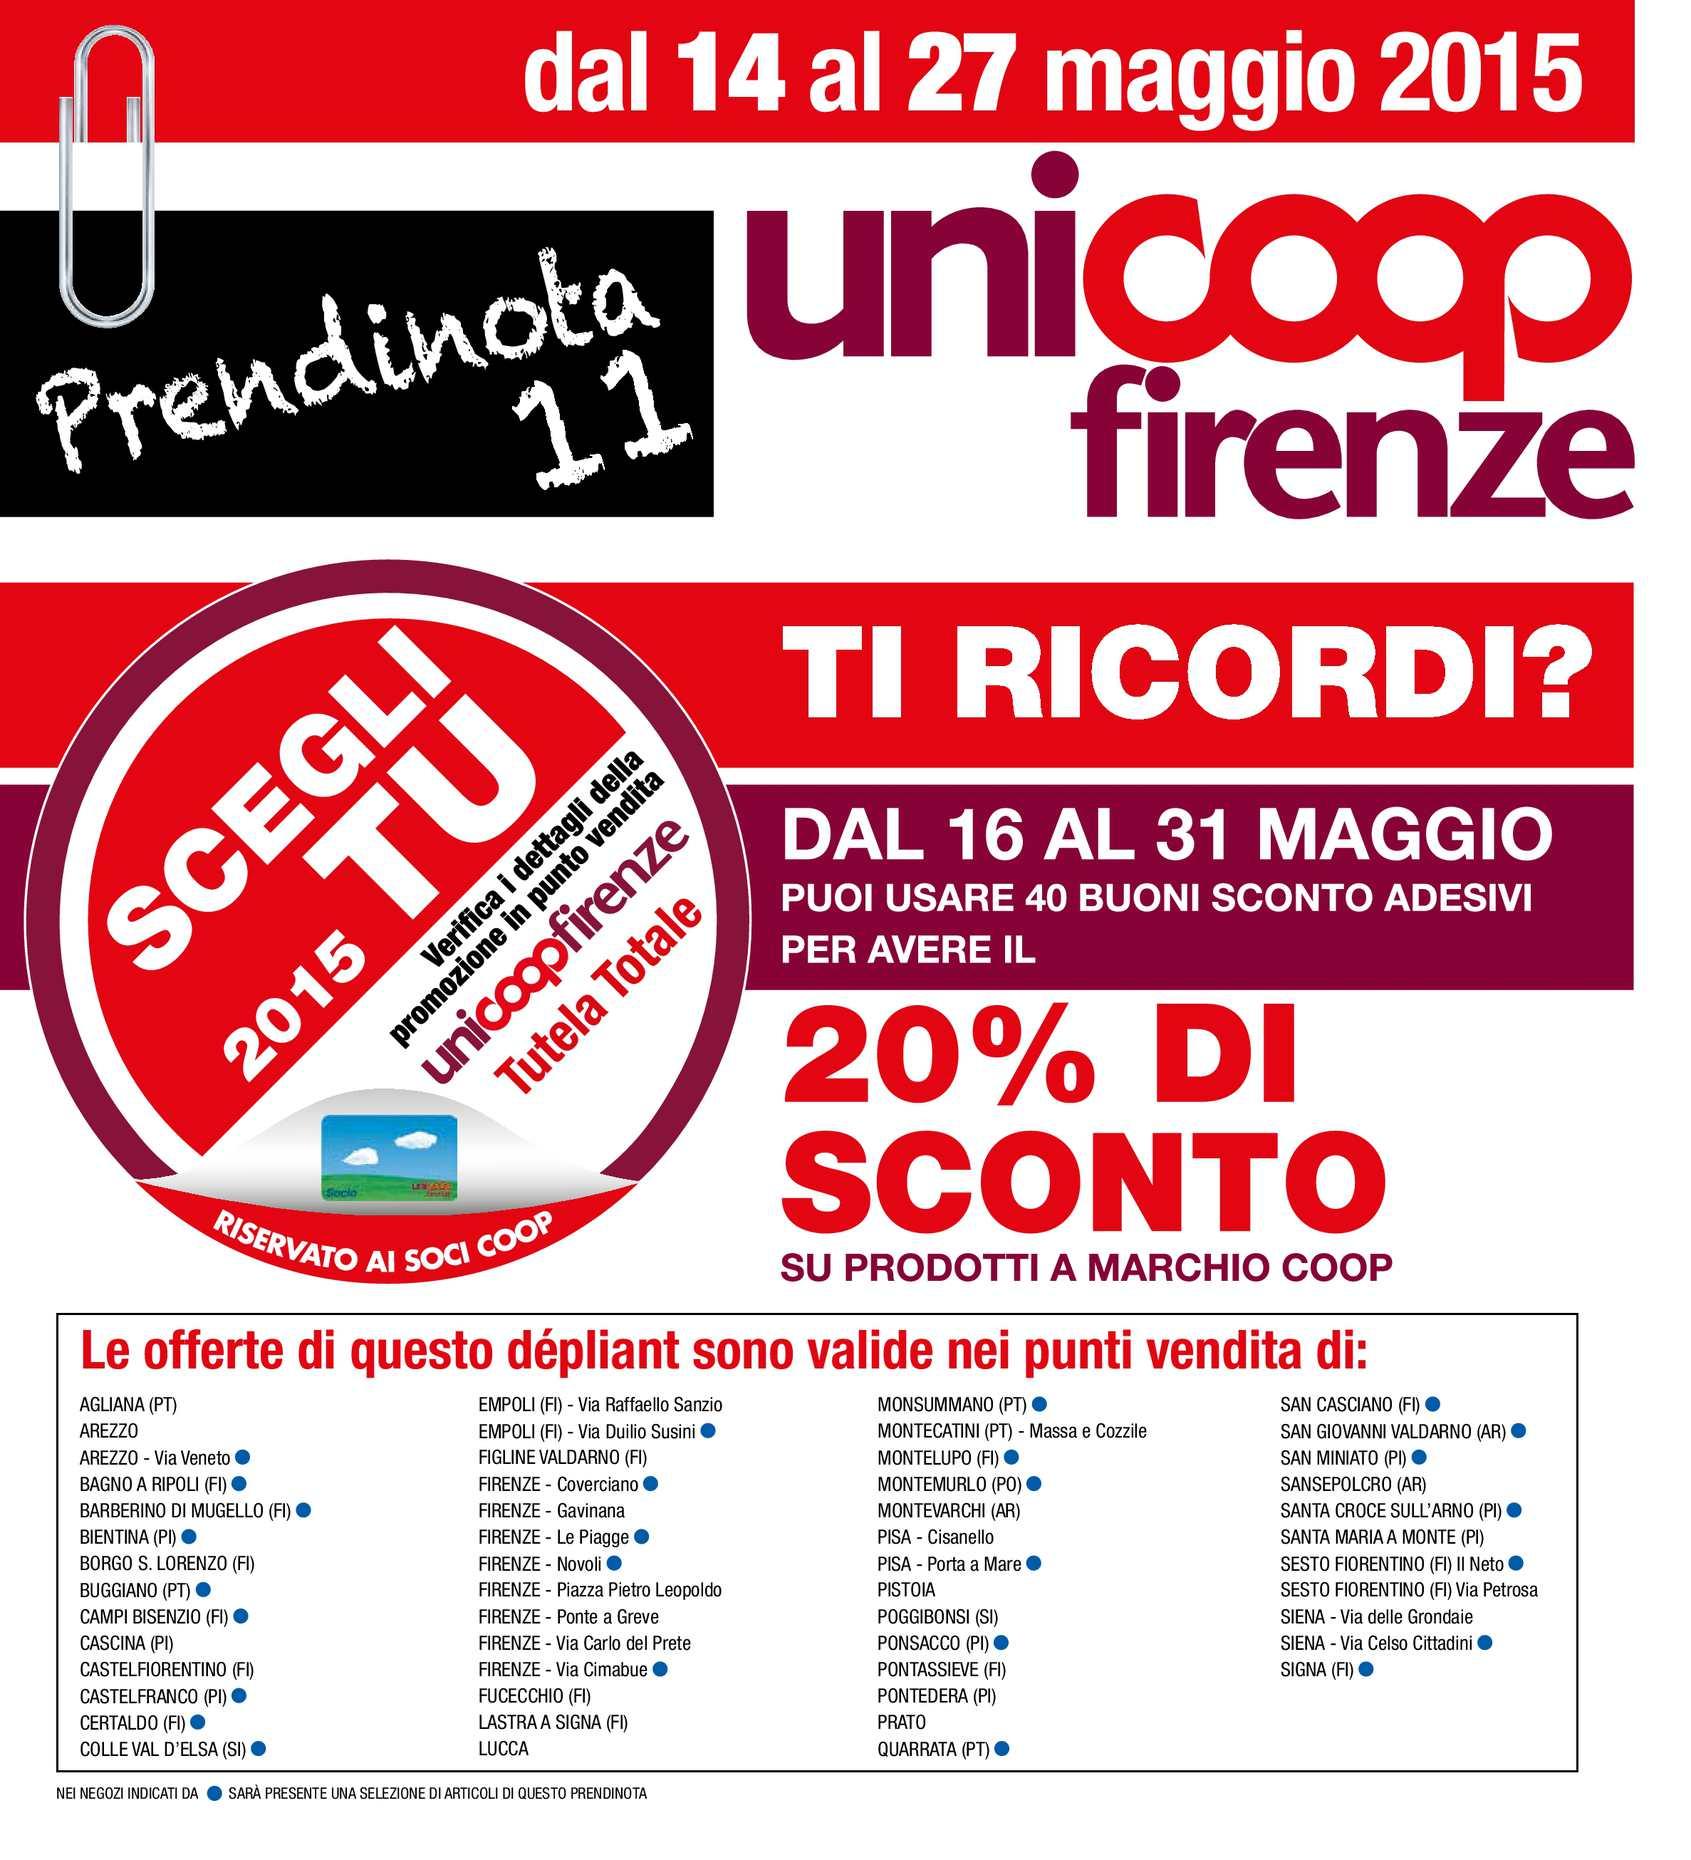 Materasso Memory Offerta Coop.Calameo Volantino Uni Coop Firenze Dal 14 Al 27 Maggio